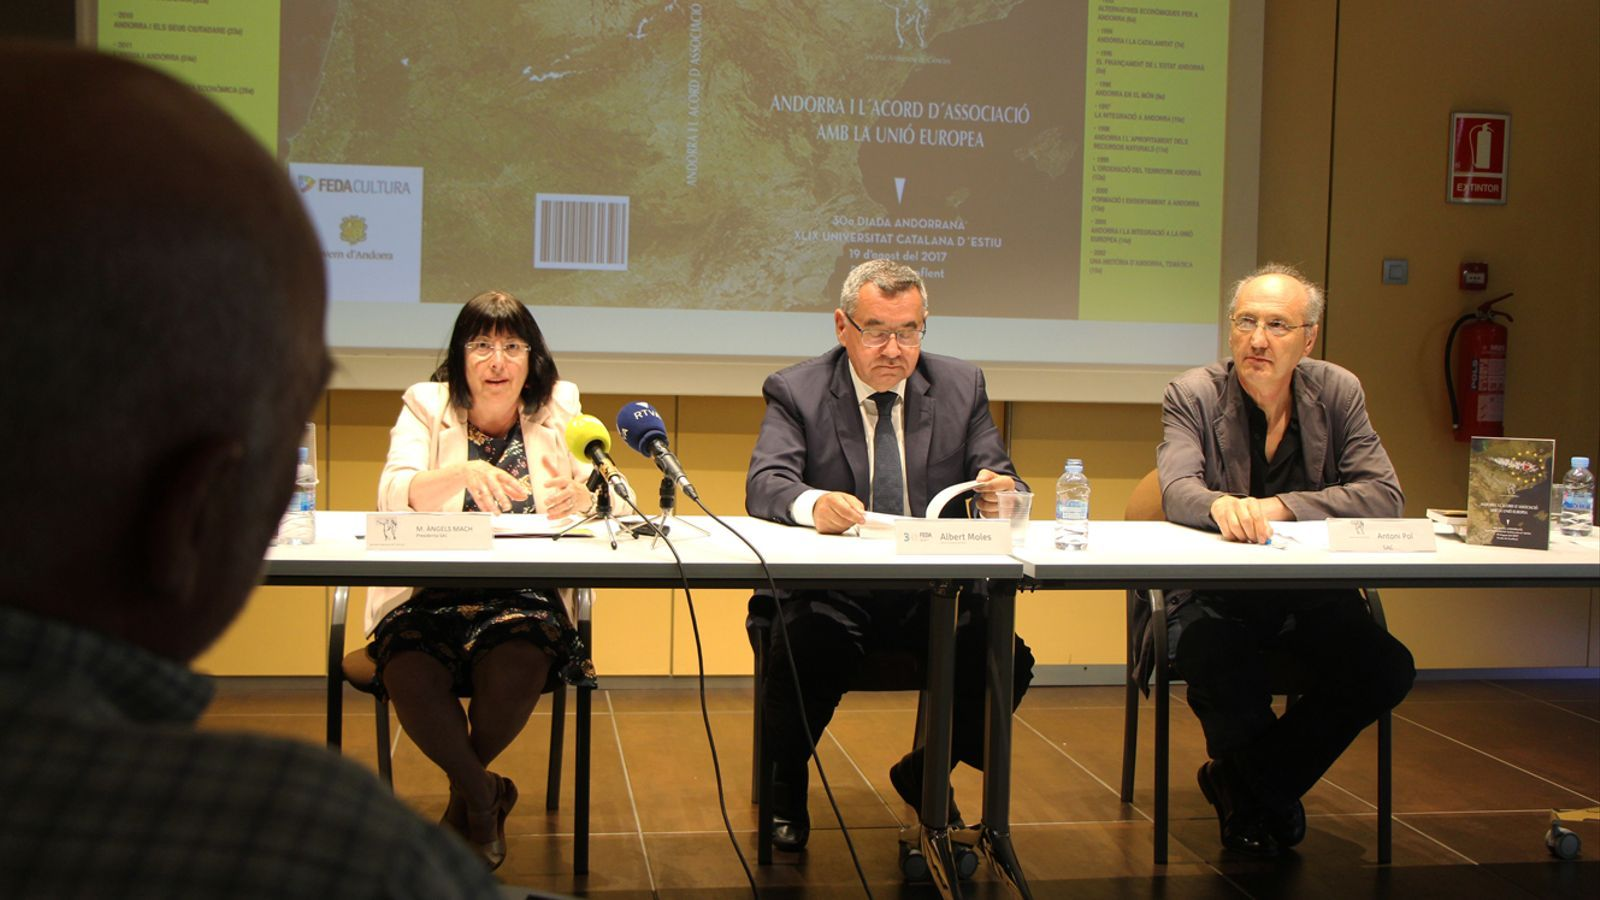 La presidenta de la Societat Andorrana de Ciències (SAC), M. Àngels Mach; el director general de FEDA, Albert Moles, i Antoni Pol, de la SAC, en un moment de la presentació del llibre 'Andorra i l'acord d'associació amb la Unió Europea'. / L. M. (ANA)